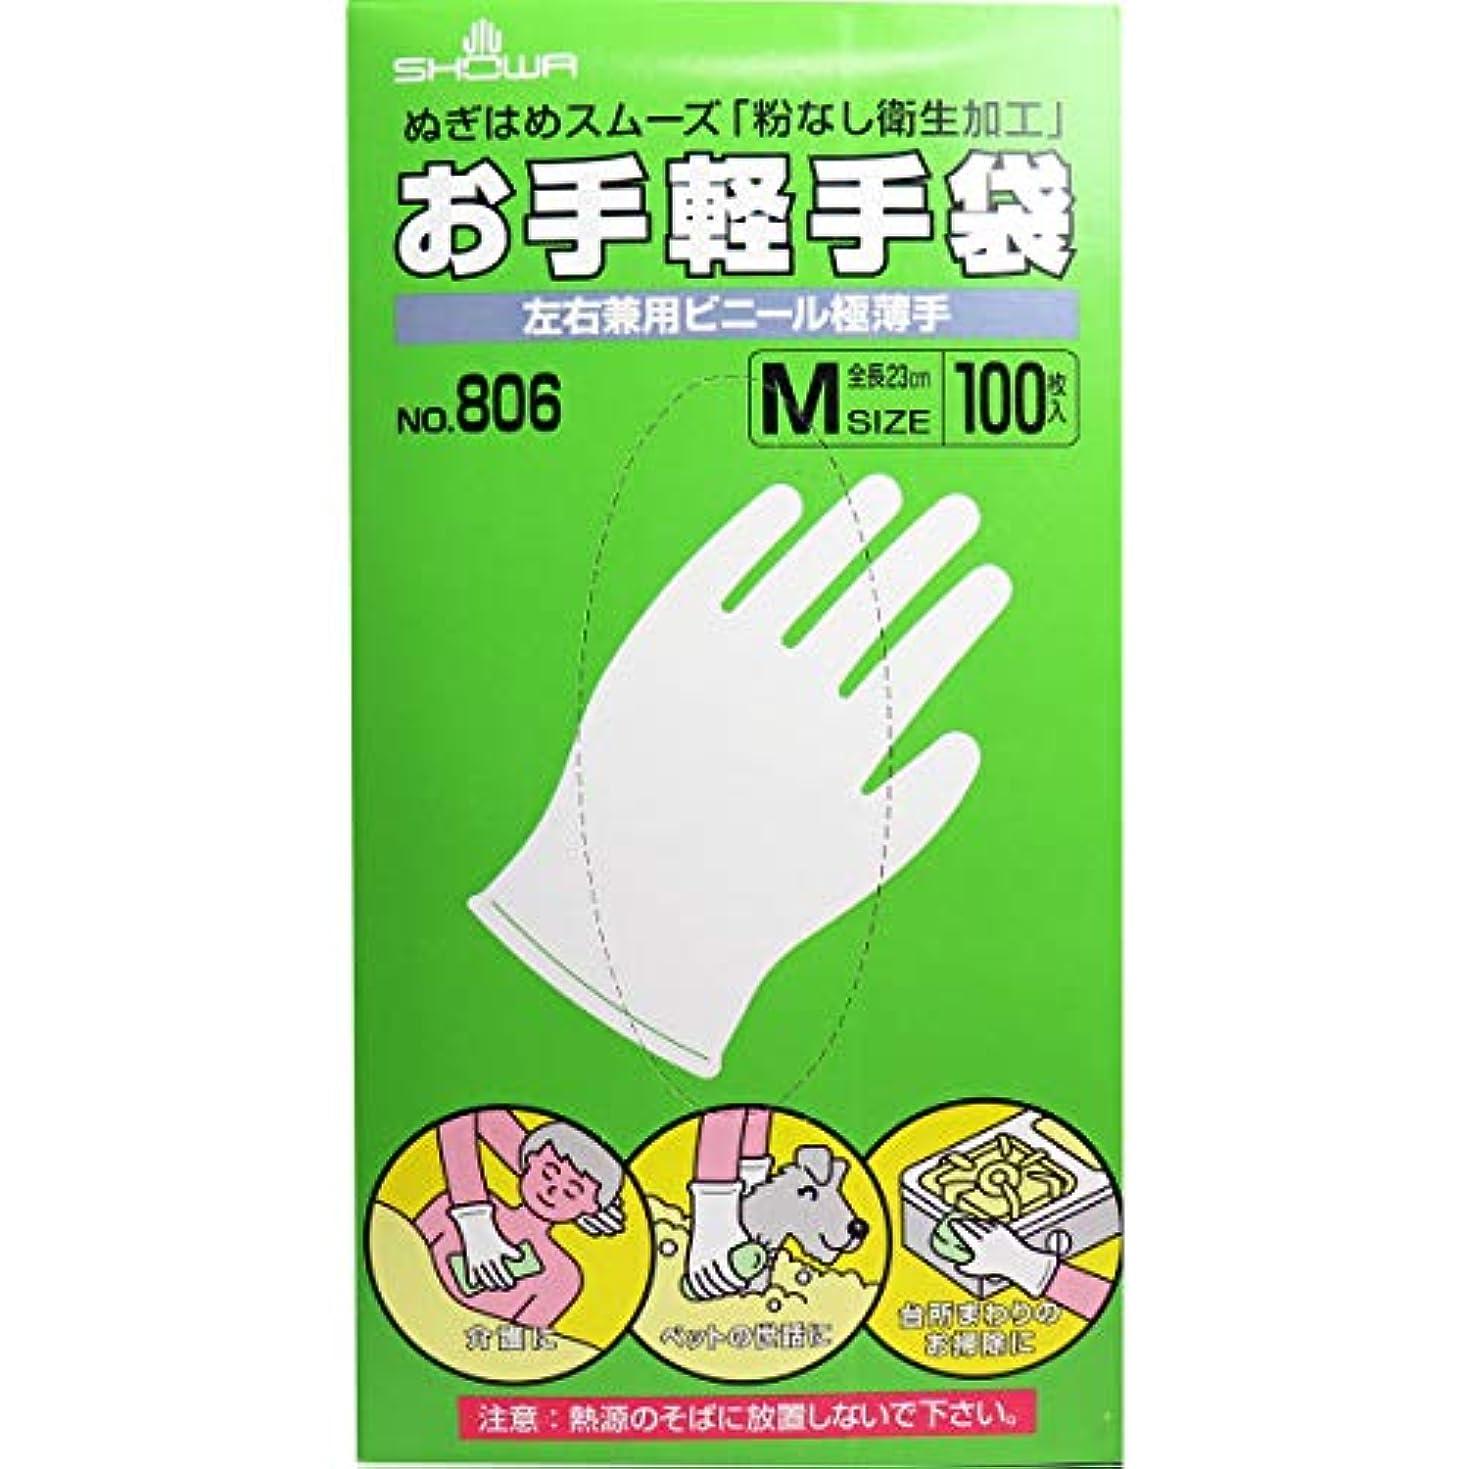 自分のために大陸割り当てますお手軽手袋 No.806 左右兼用ビニール極薄手 粉なし Mサイズ 100枚入×10個セット